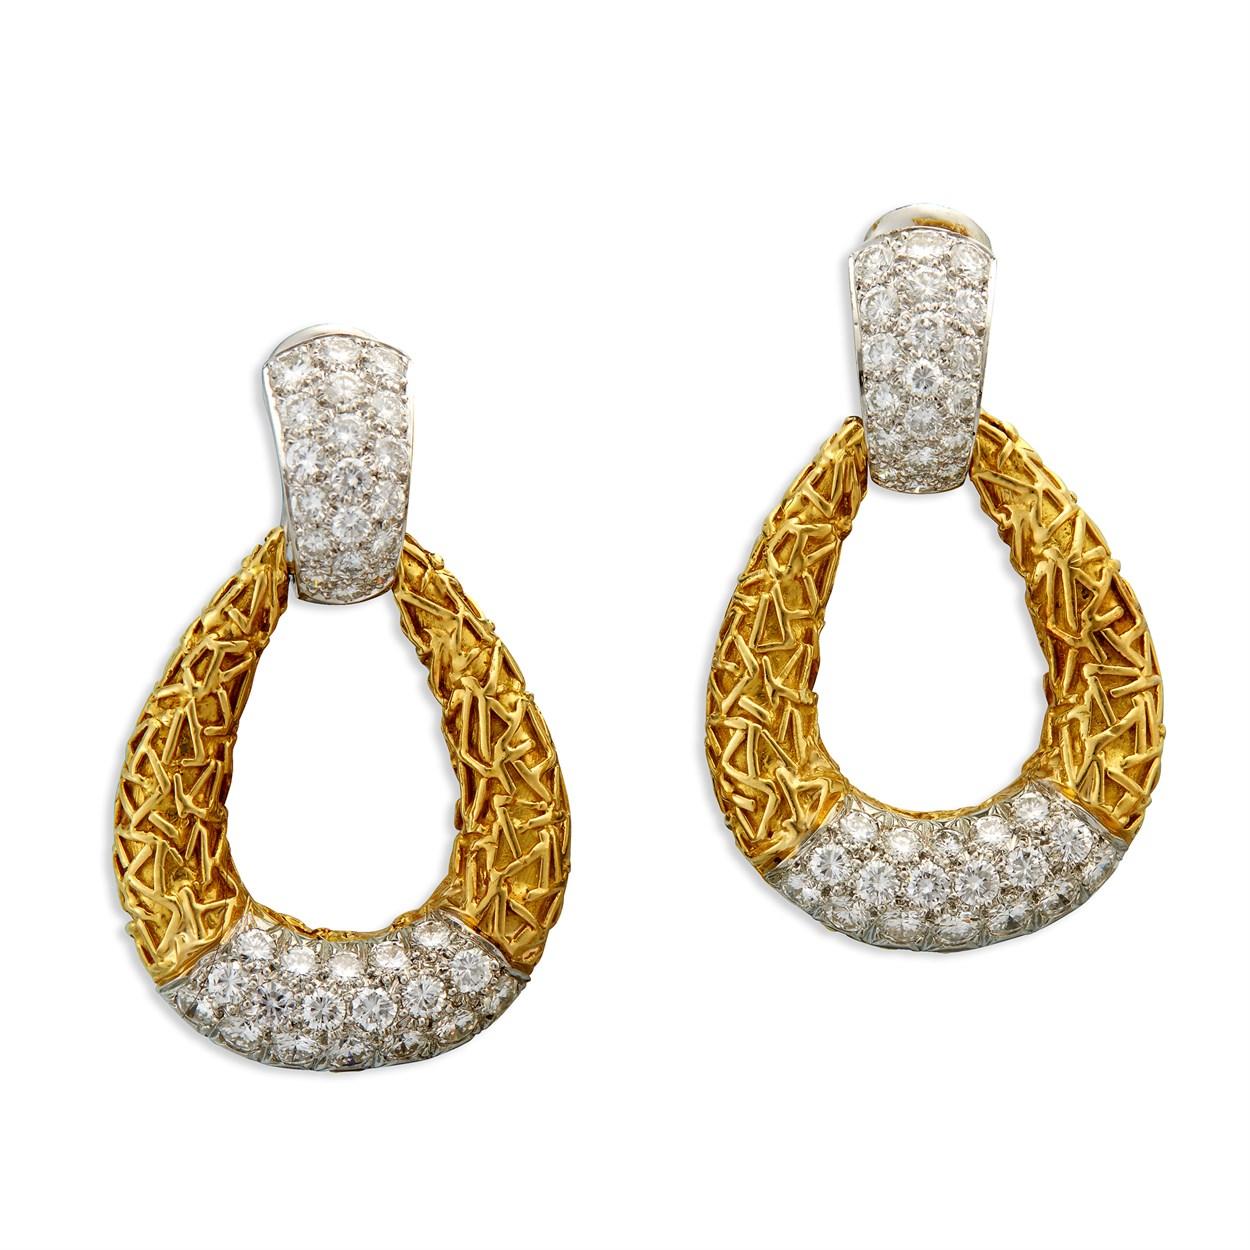 Lot 152 - A pair of diamond and two-tone eighteen karat gold earrings, Van Cleef & Arpels